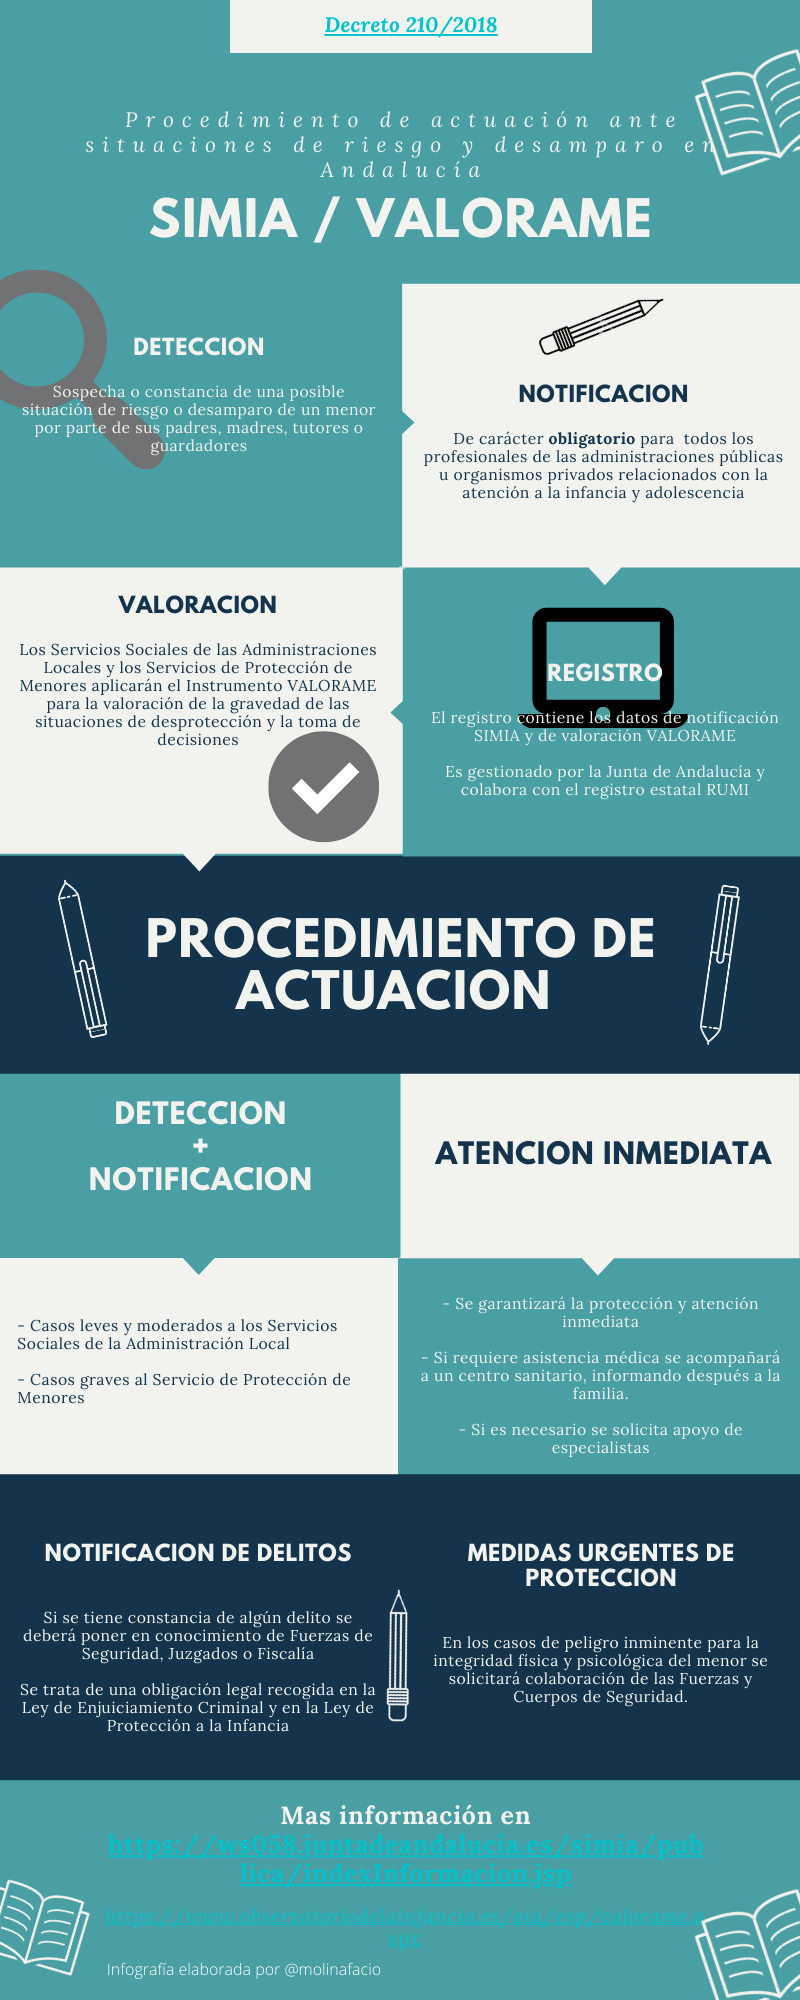 Infografía SIMIA/VALORAME